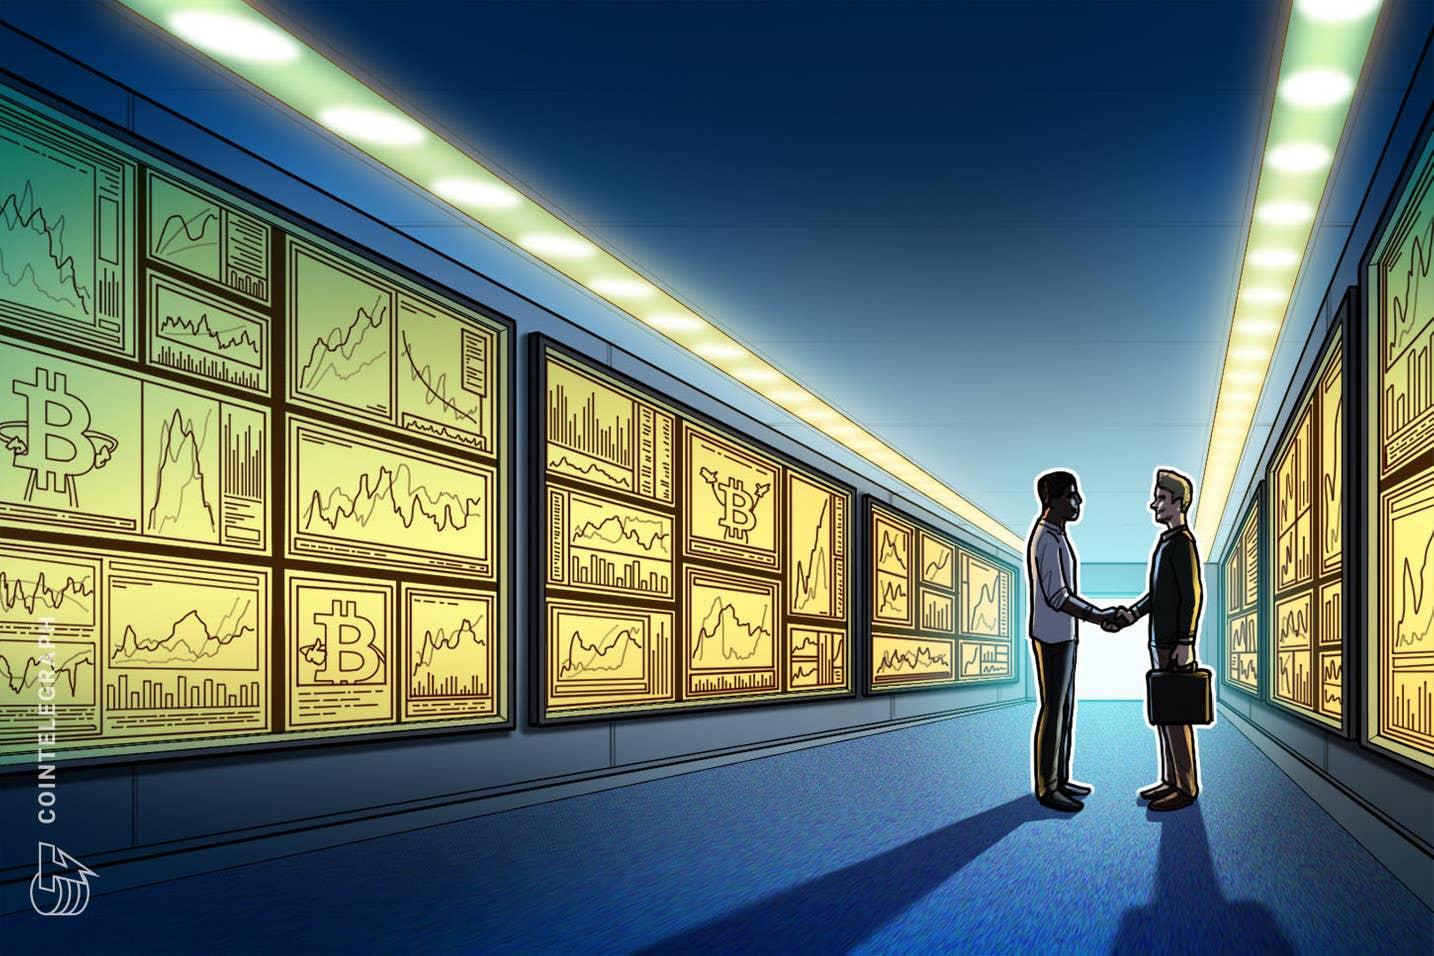 Należąca do Deutsche Boerse giełda Eurex debiutuje w handlu kontraktami futures na bitcoiny